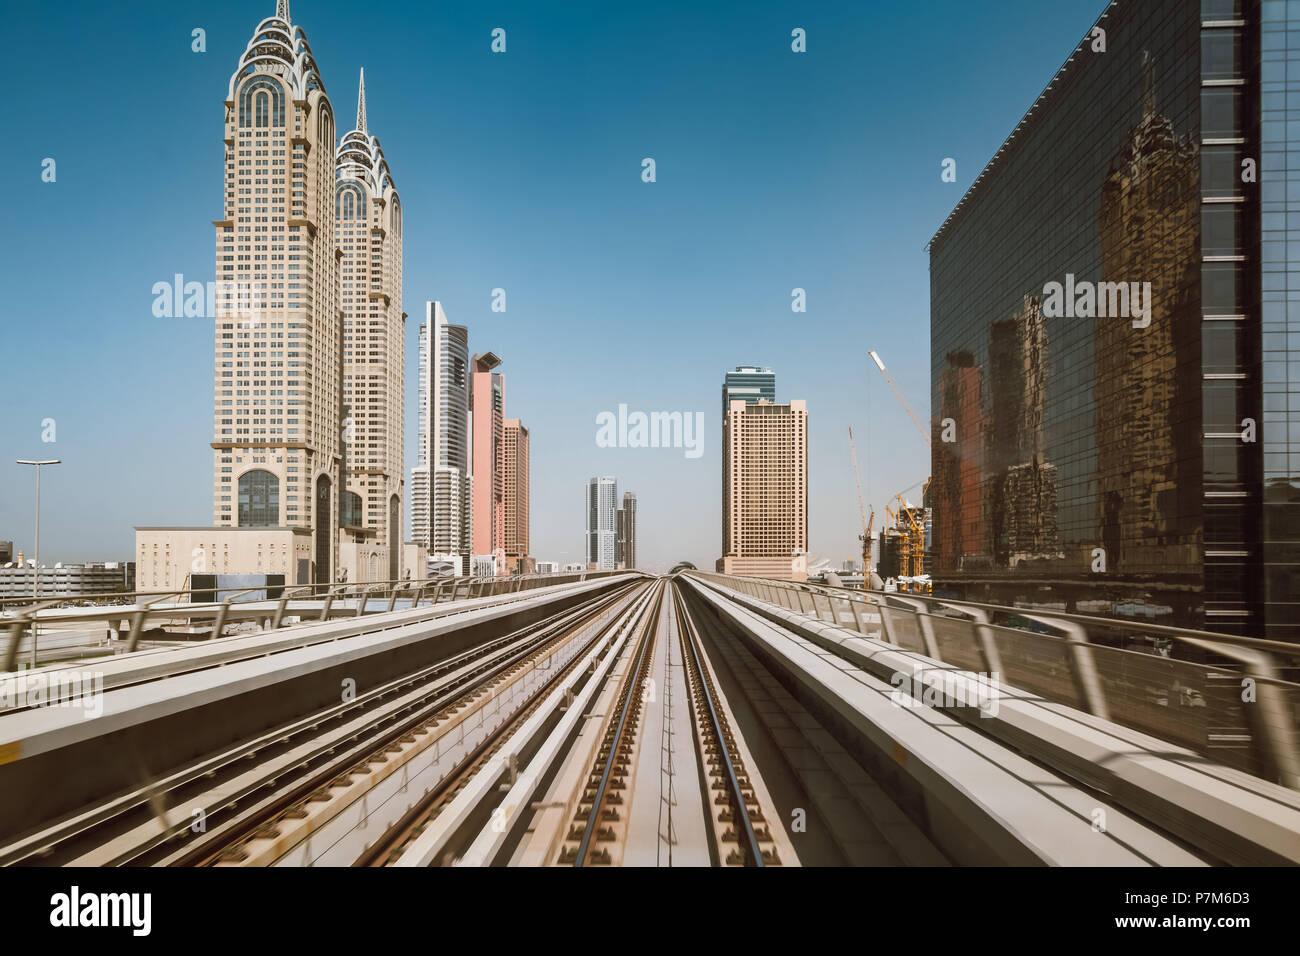 Metro le tracce in Sheikh Zayed Road, Dubai, Emirati Arabi Uniti Immagini Stock